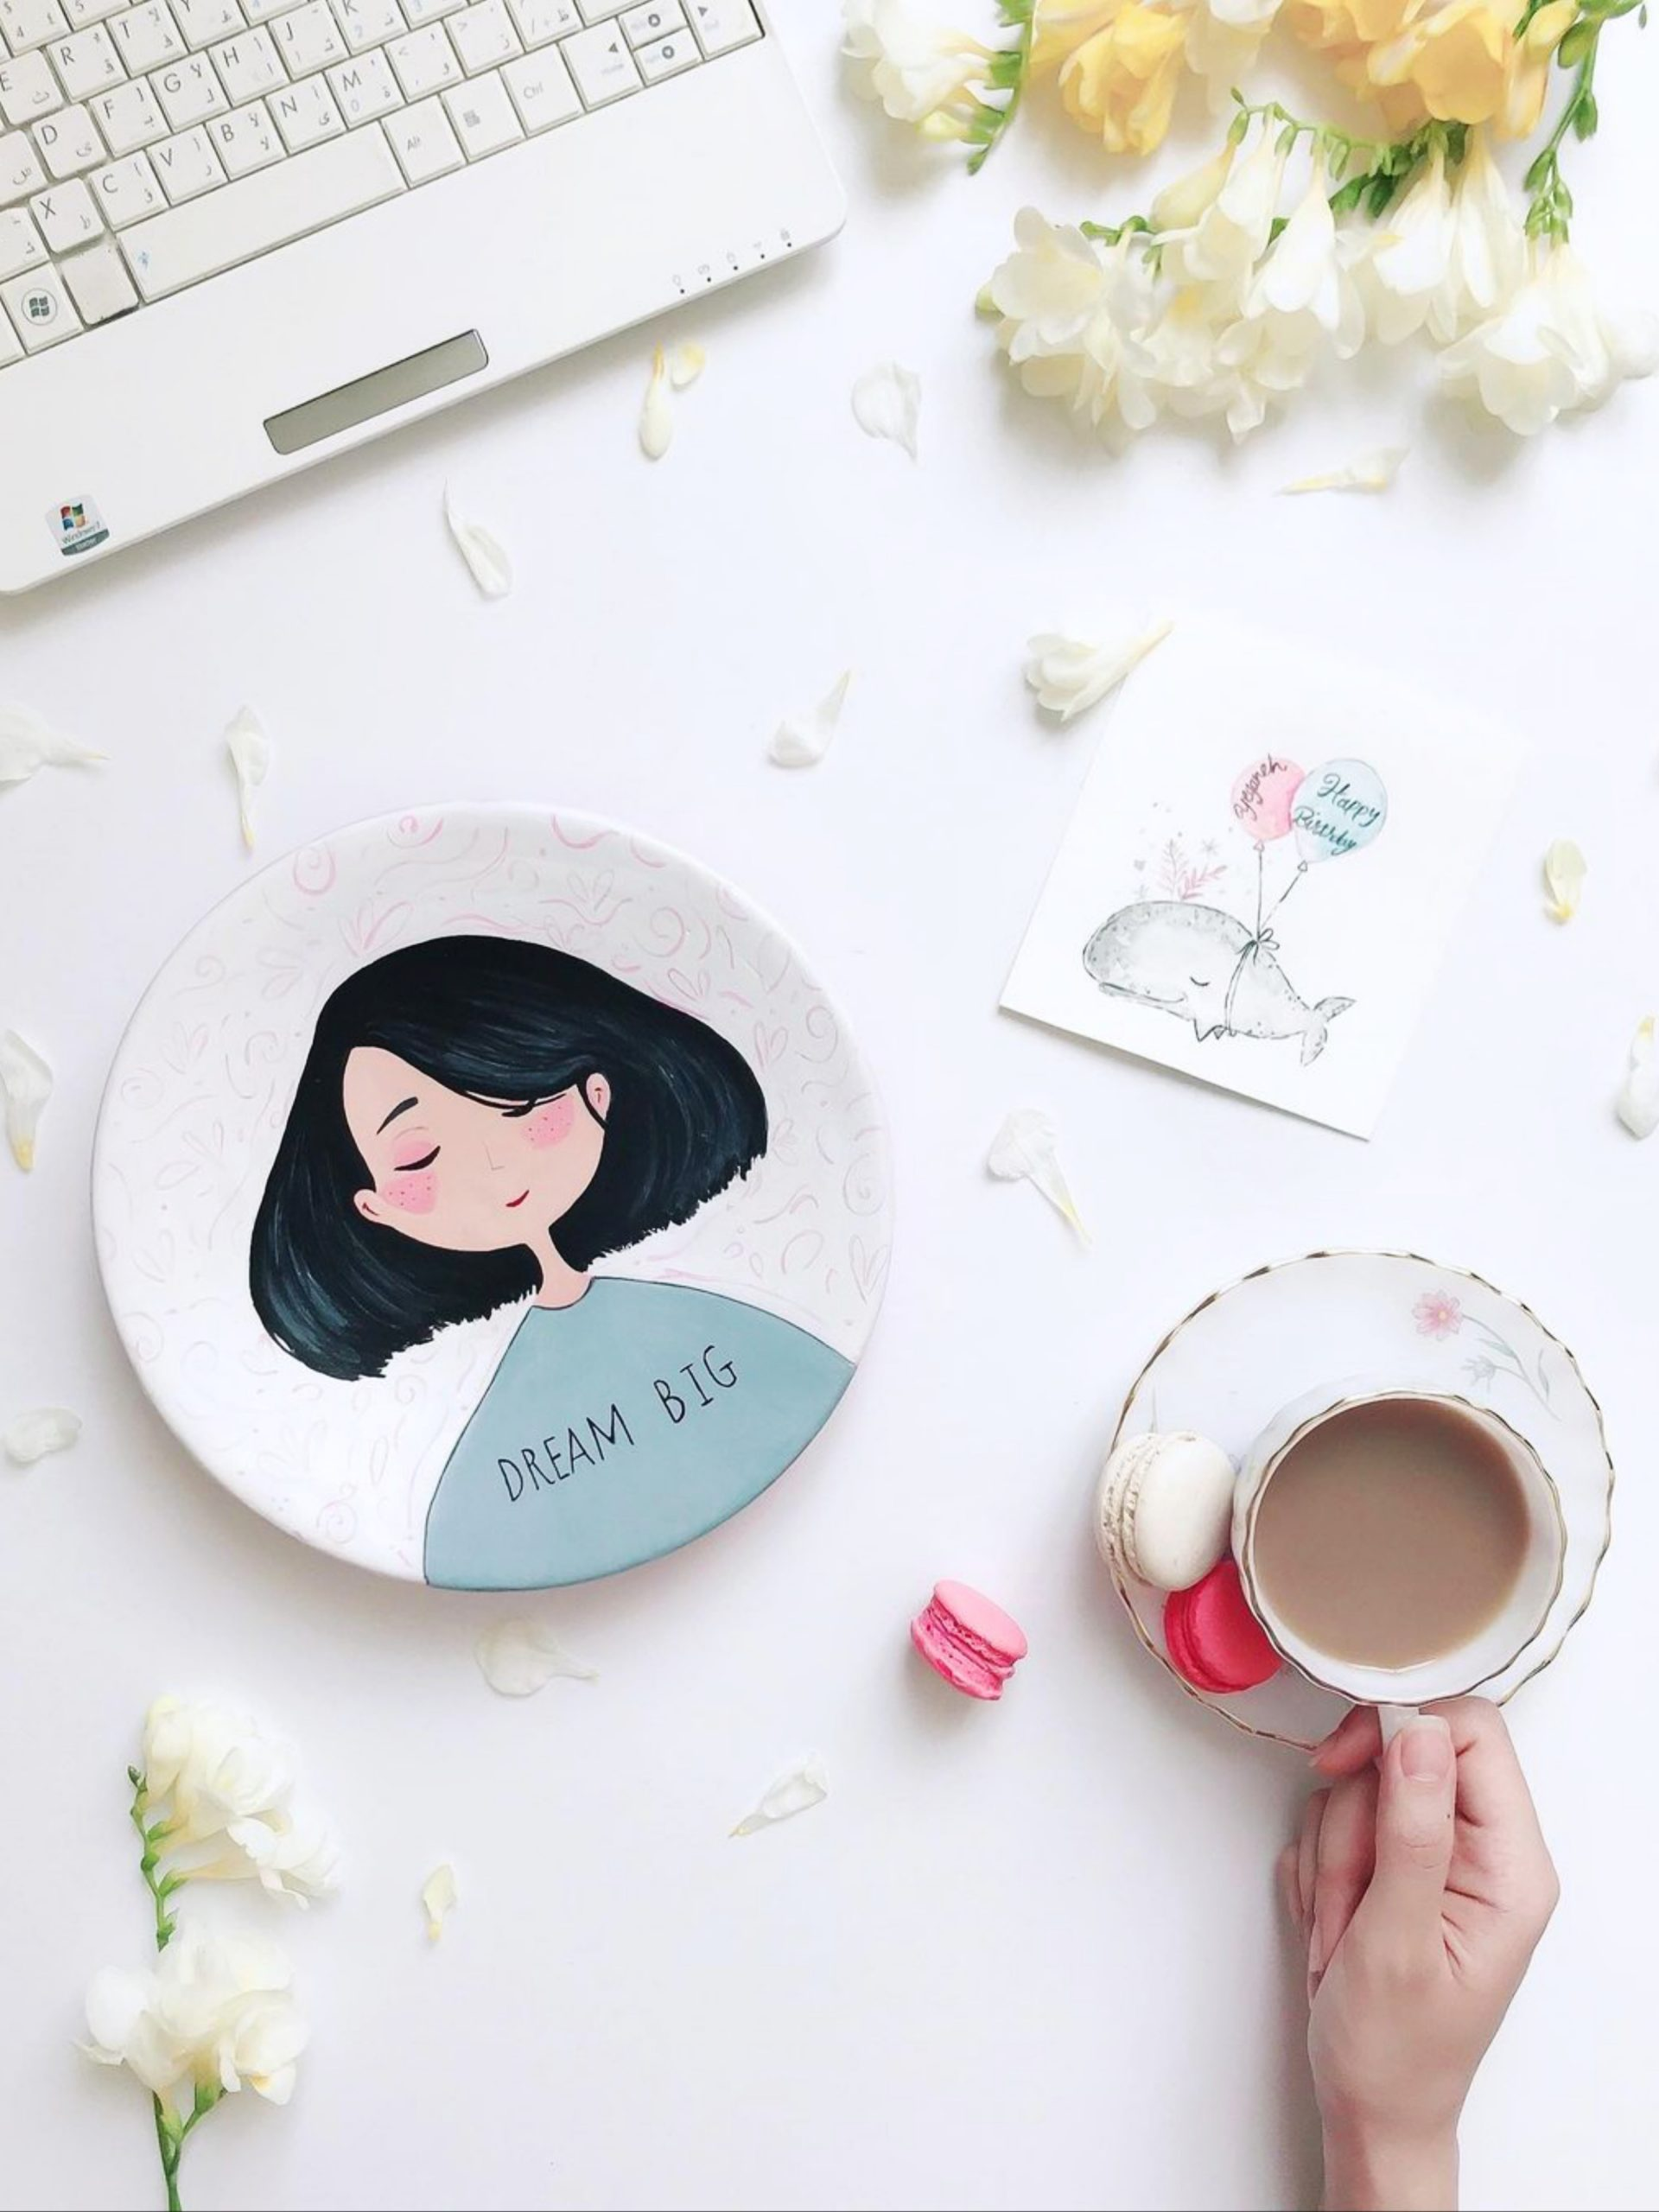 A teacup